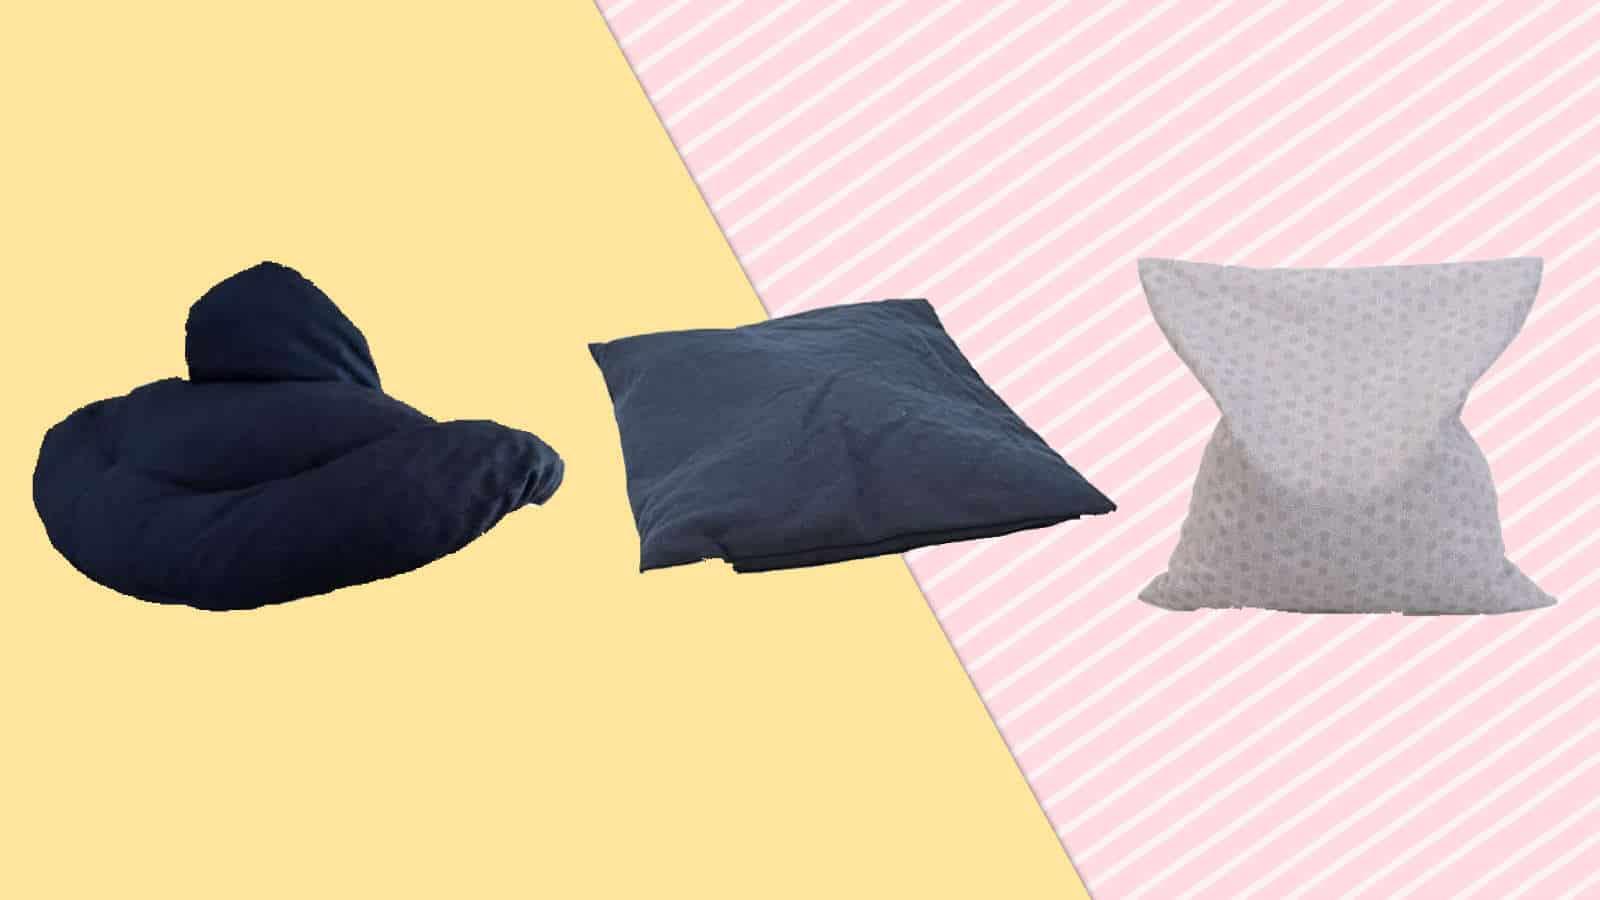 Kirschkernkissen- Die 5 besten Kissen im Vergleich 2020